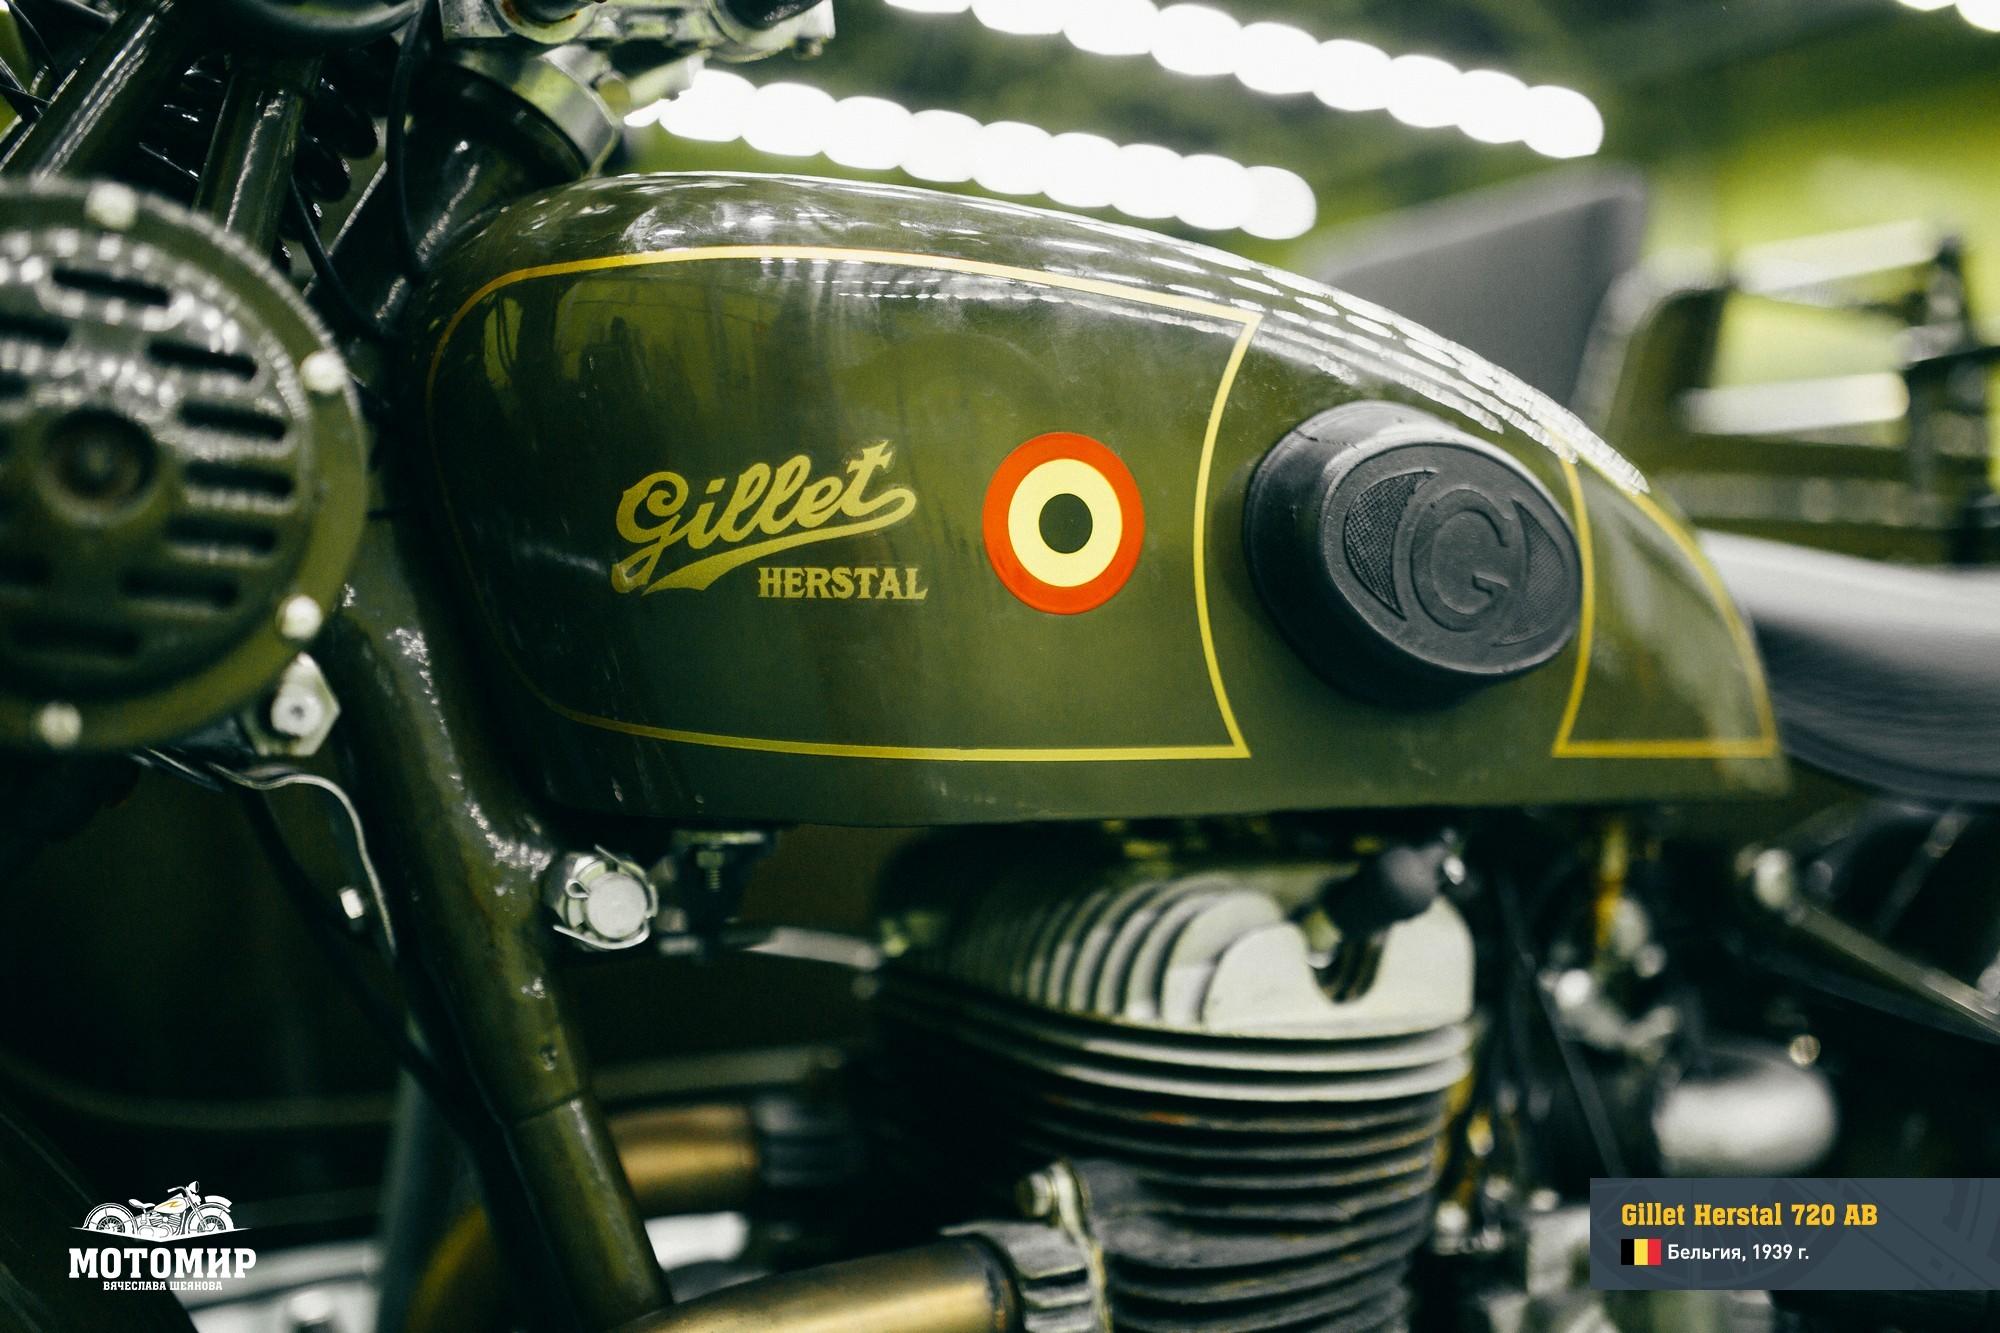 gillet-herstal-720-ab-201512-web-10